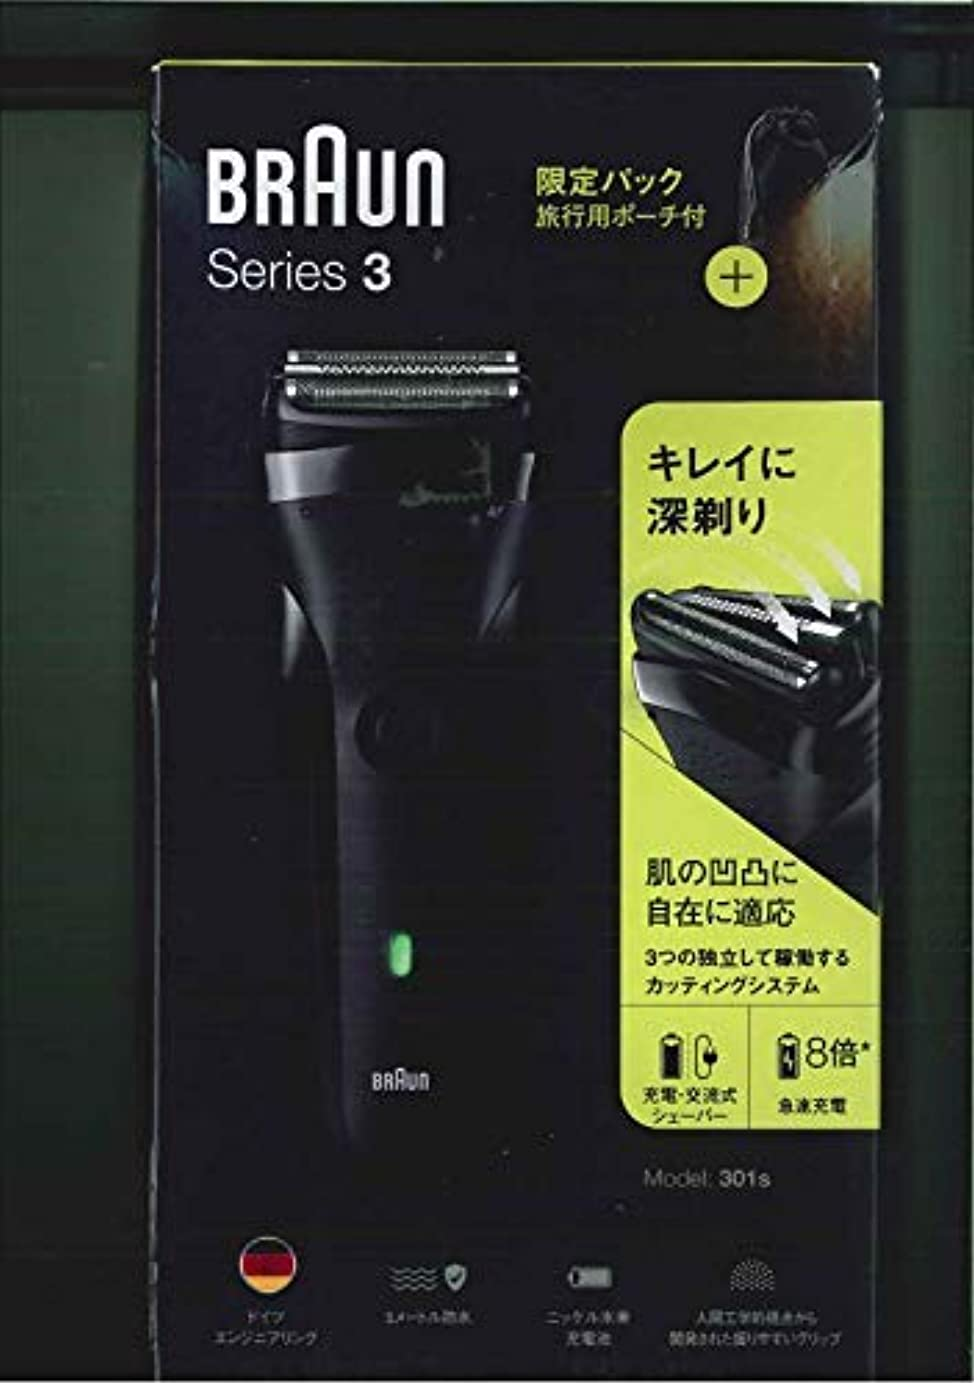 友だち季節場所ブラウン 電気シェーバー オリジナルBRAUN Series3(シリーズ3)【3枚刃】300S のJoshinオリジナルモデル 301S